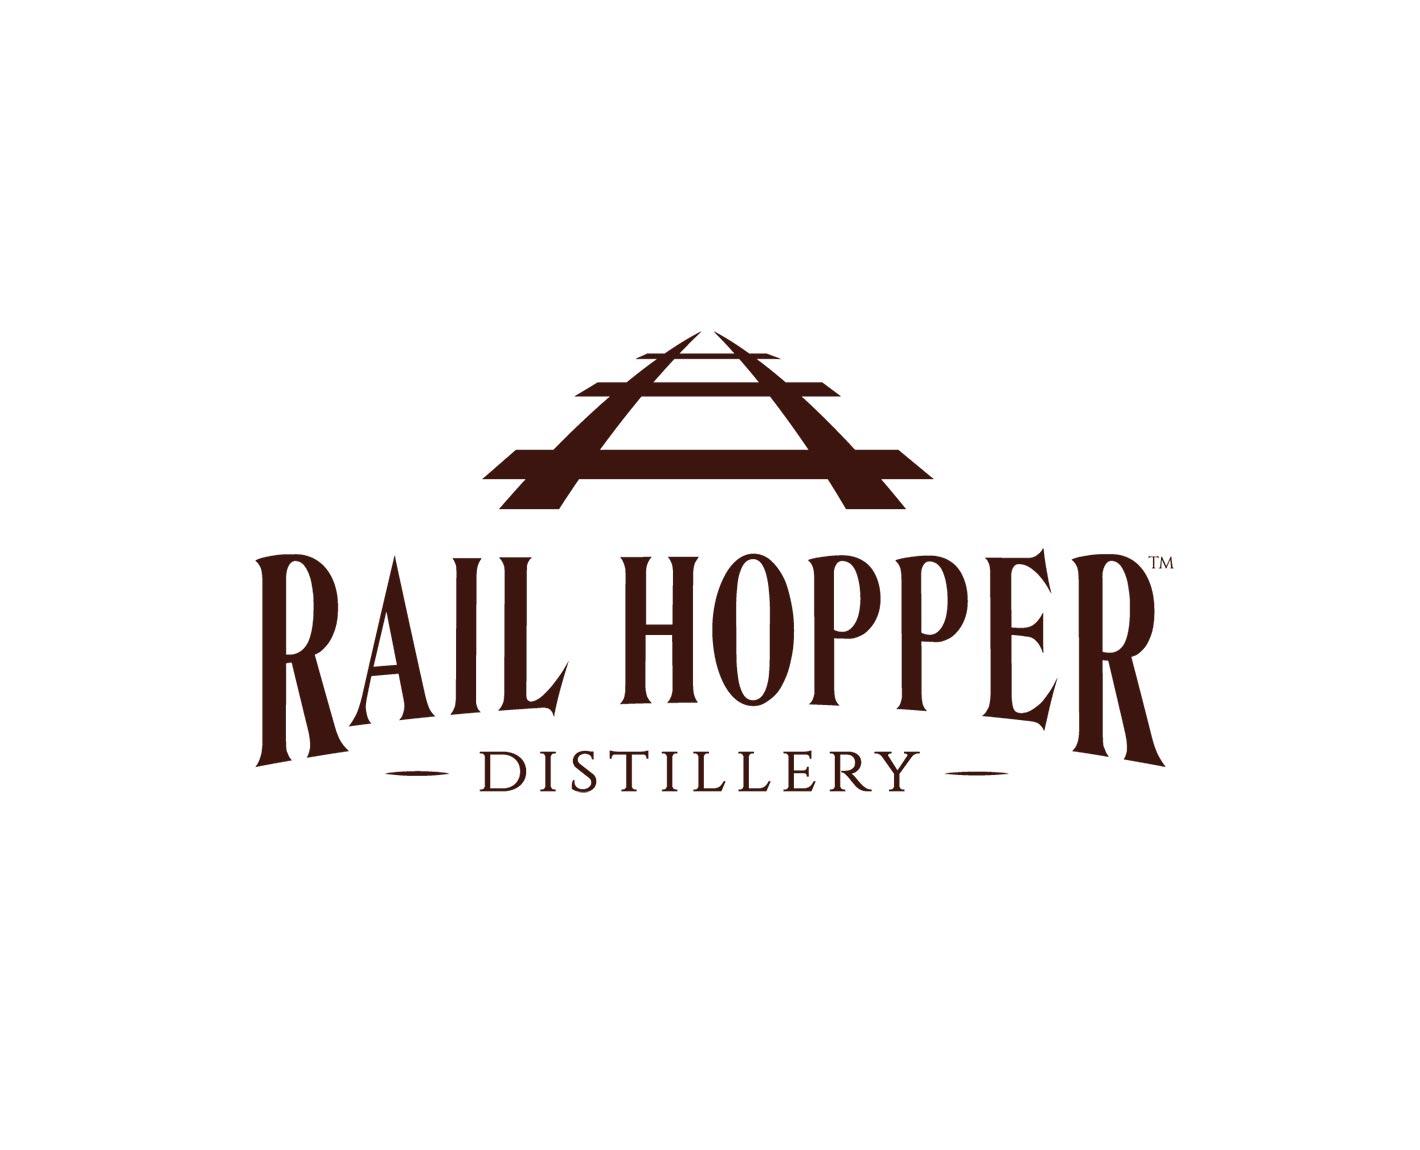 Rail Hopper branding by Tara Hoover